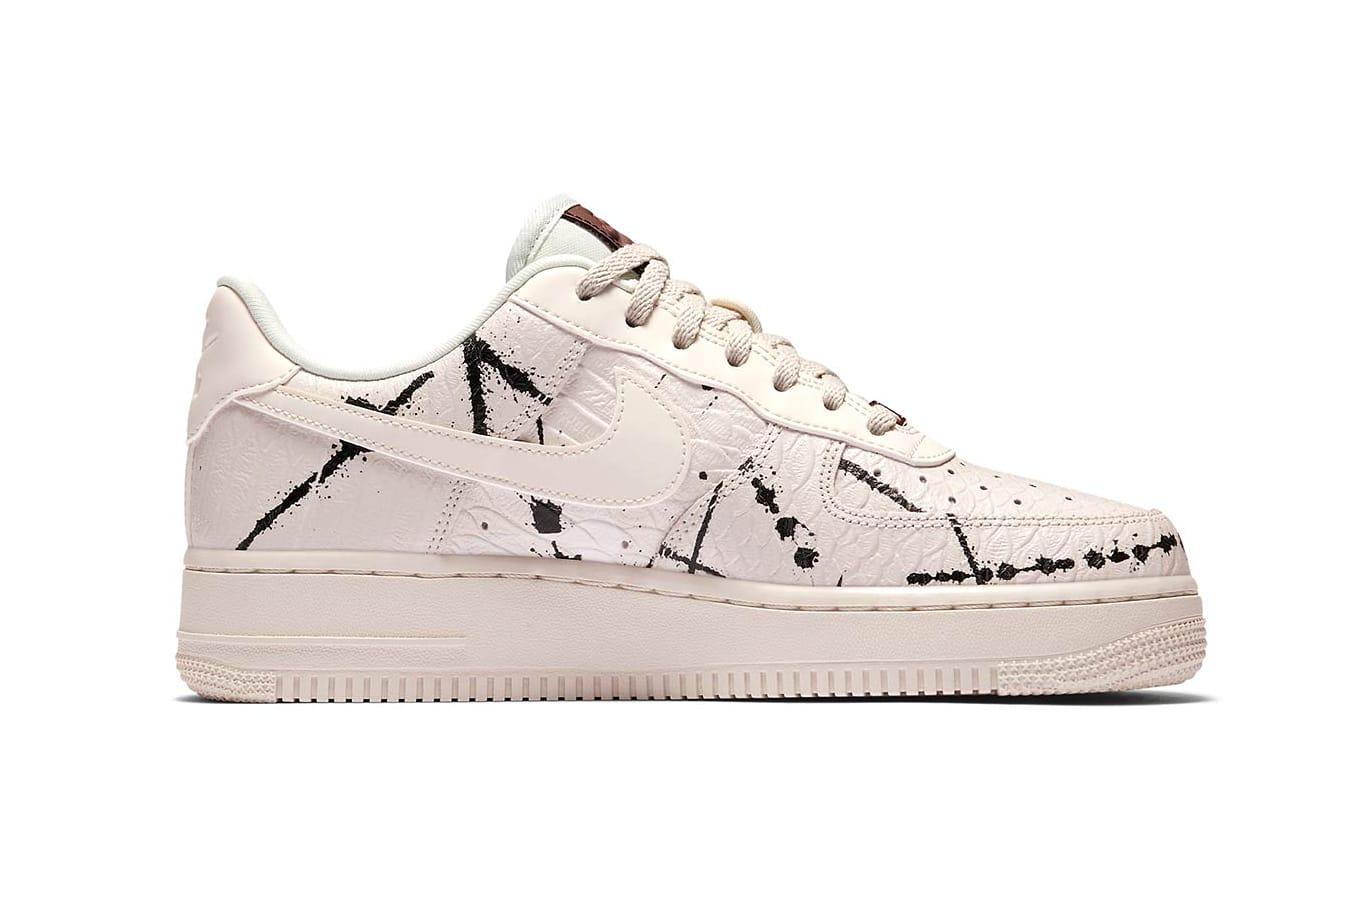 """Nike Air Force 1 Low """"Phantom Snakeskin"""